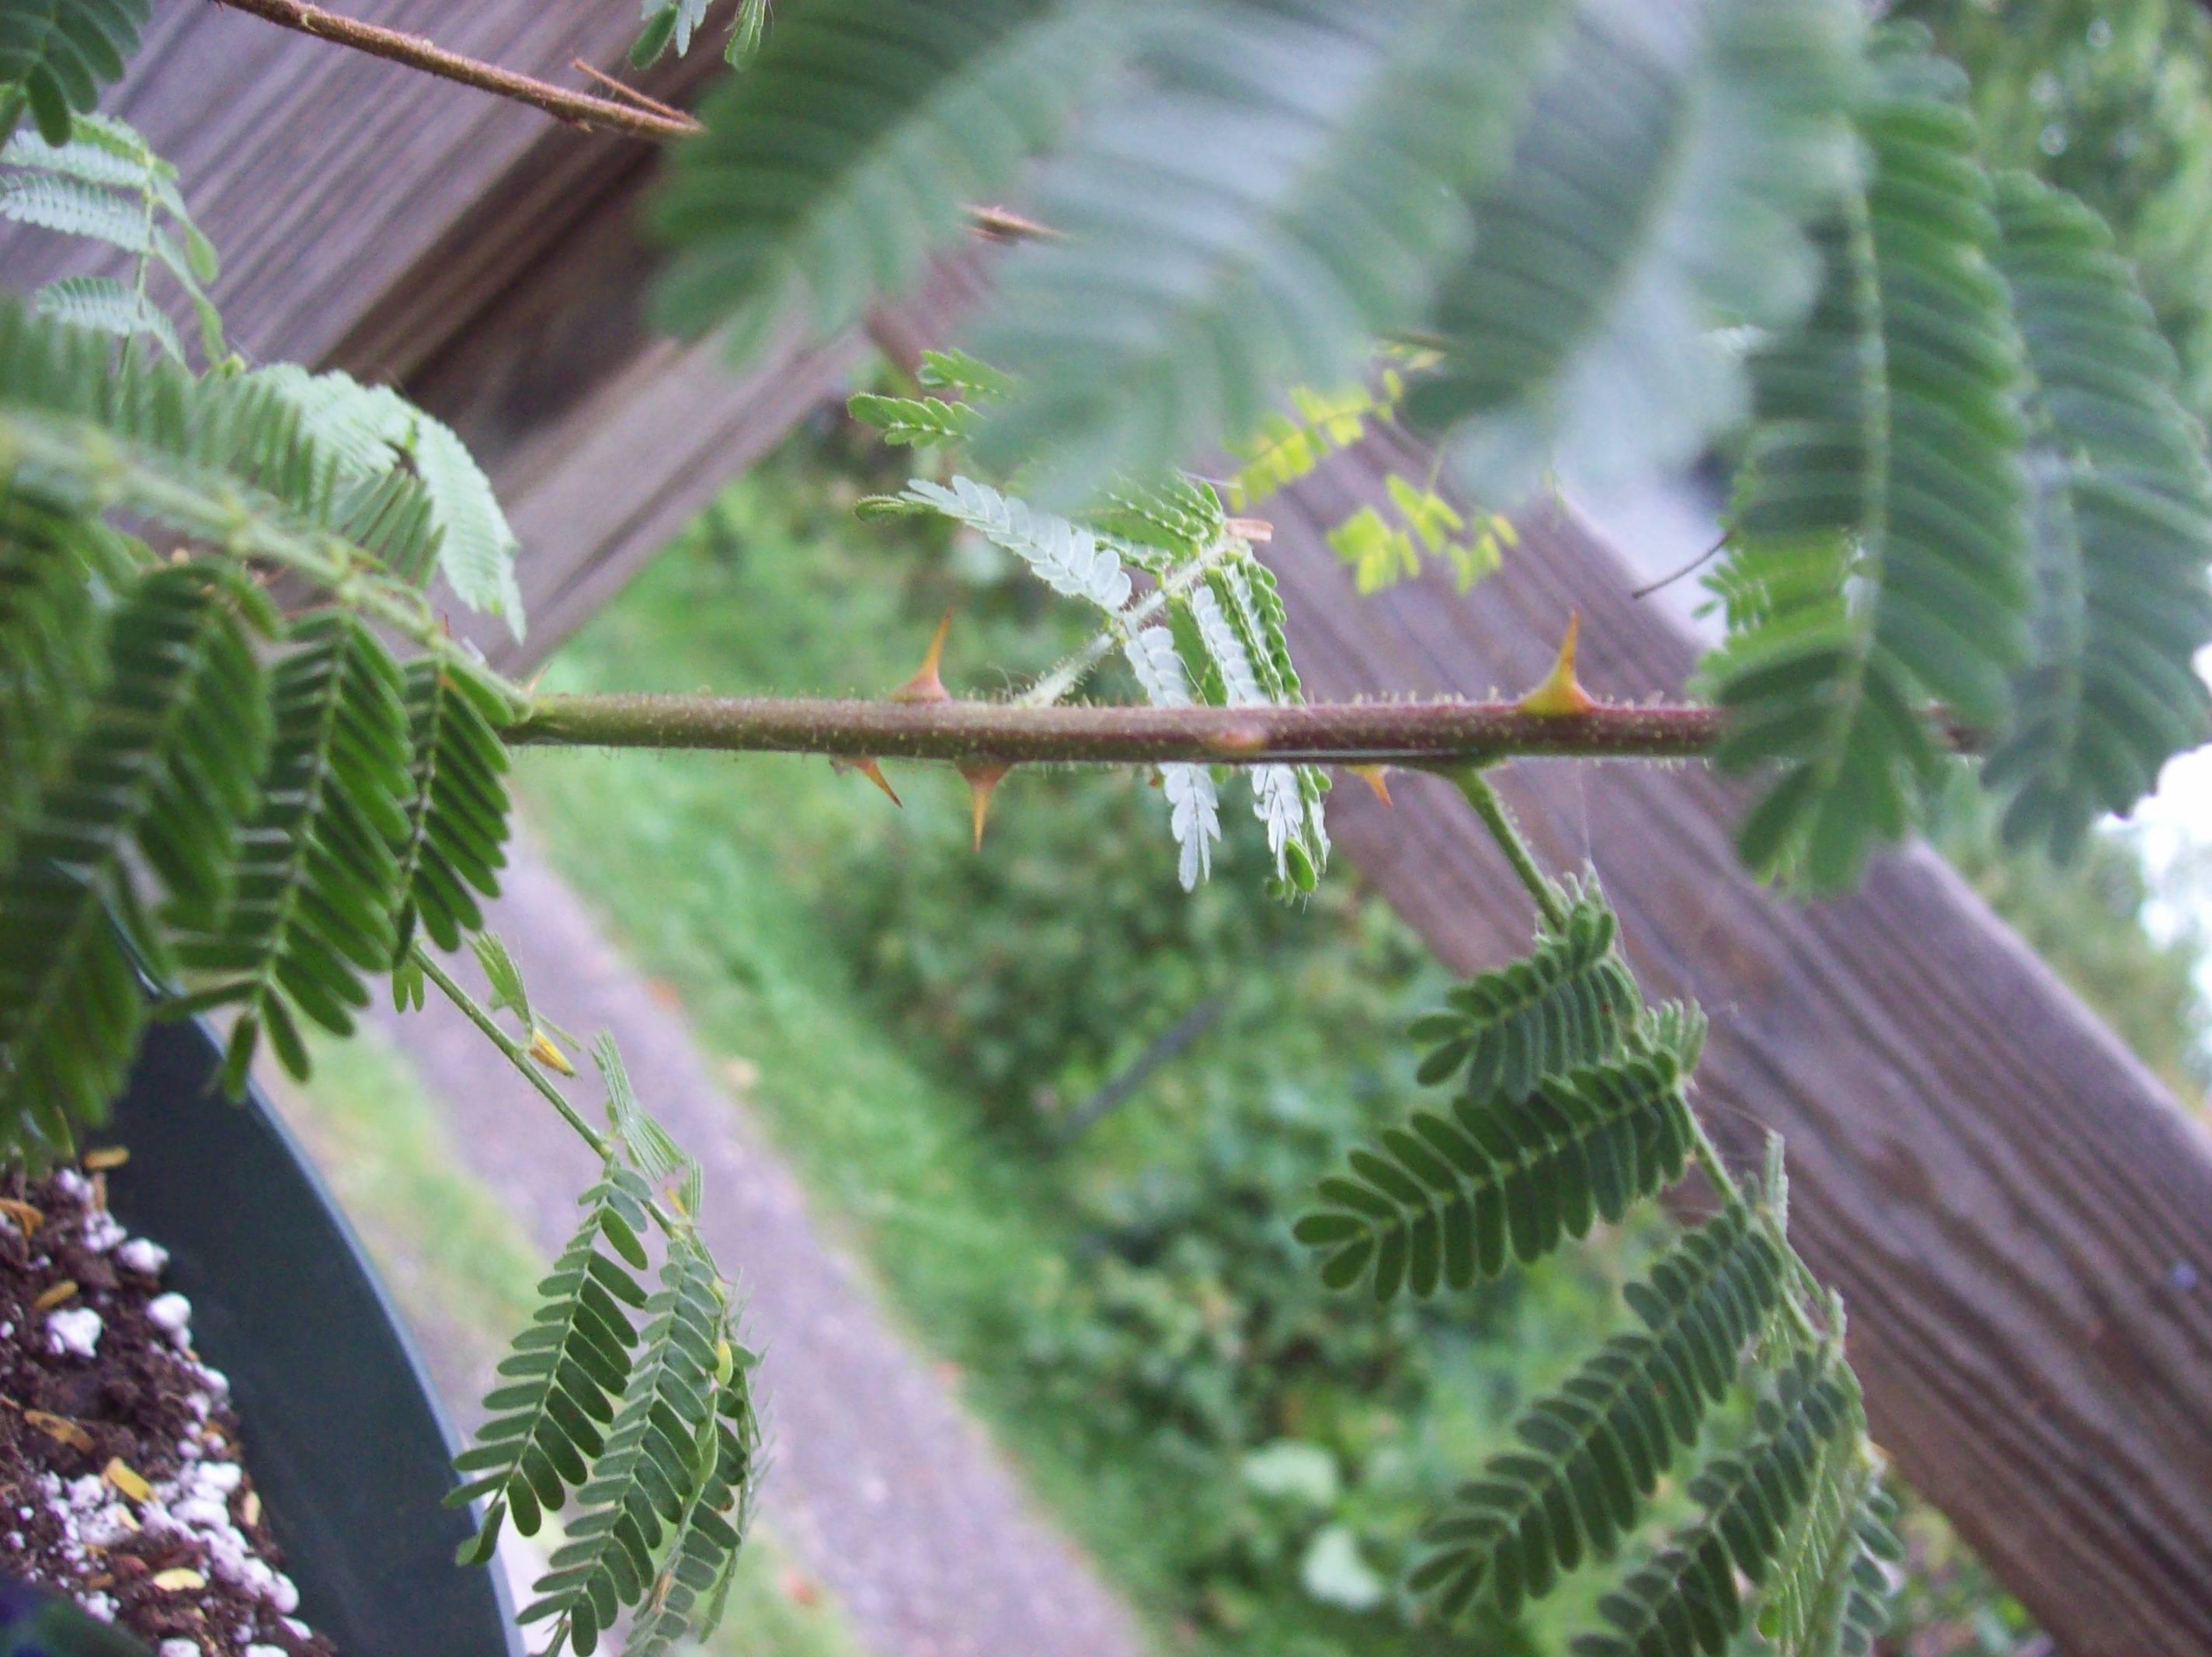 Мимоза: где растет, виды, описание с фото, выращивание и уход